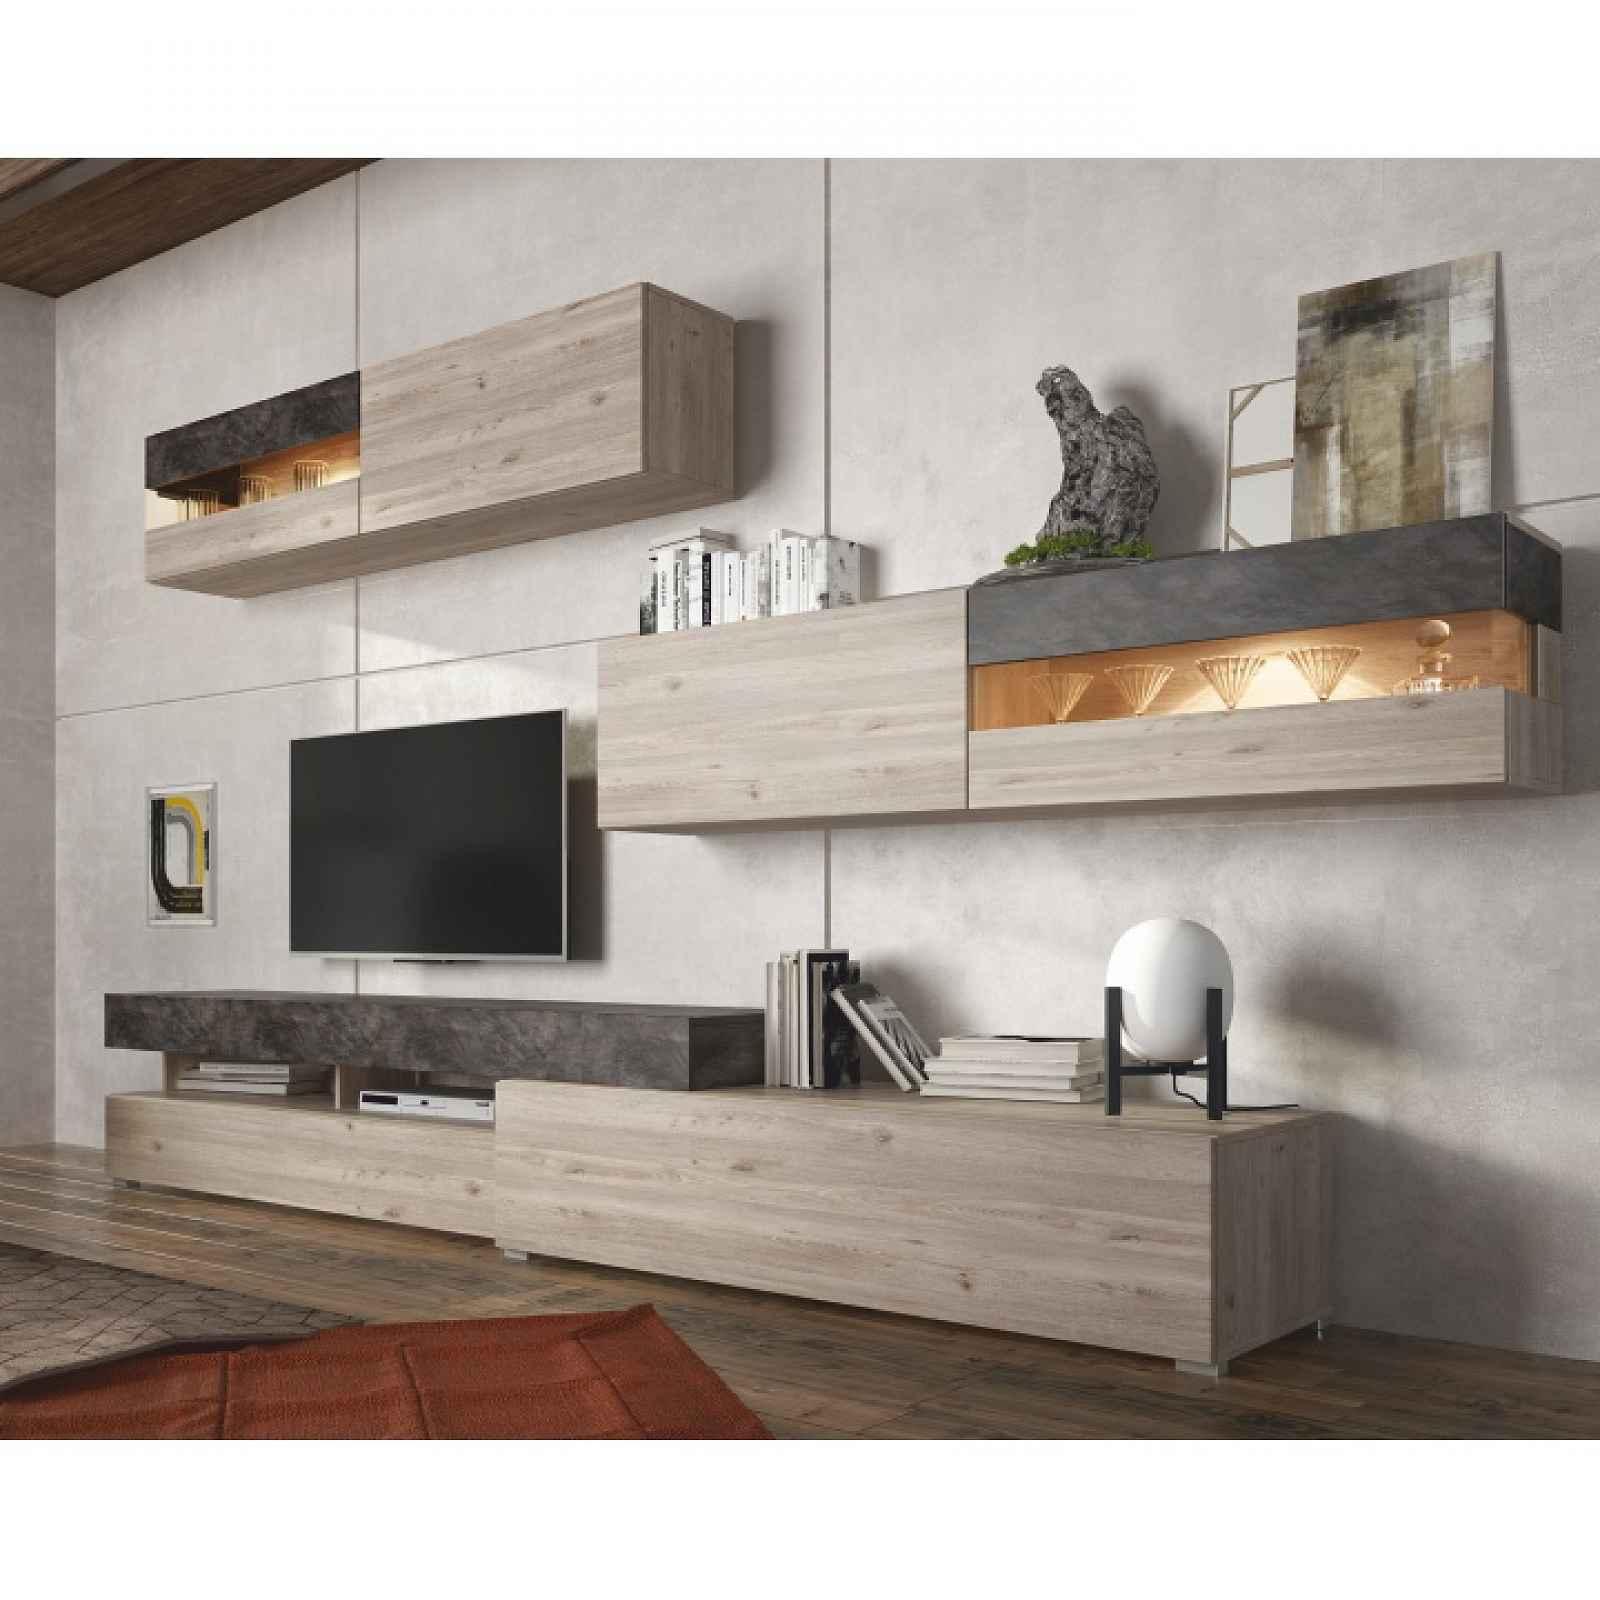 Obývací stěna IOVA dub nelson / beton Tempo Kondela